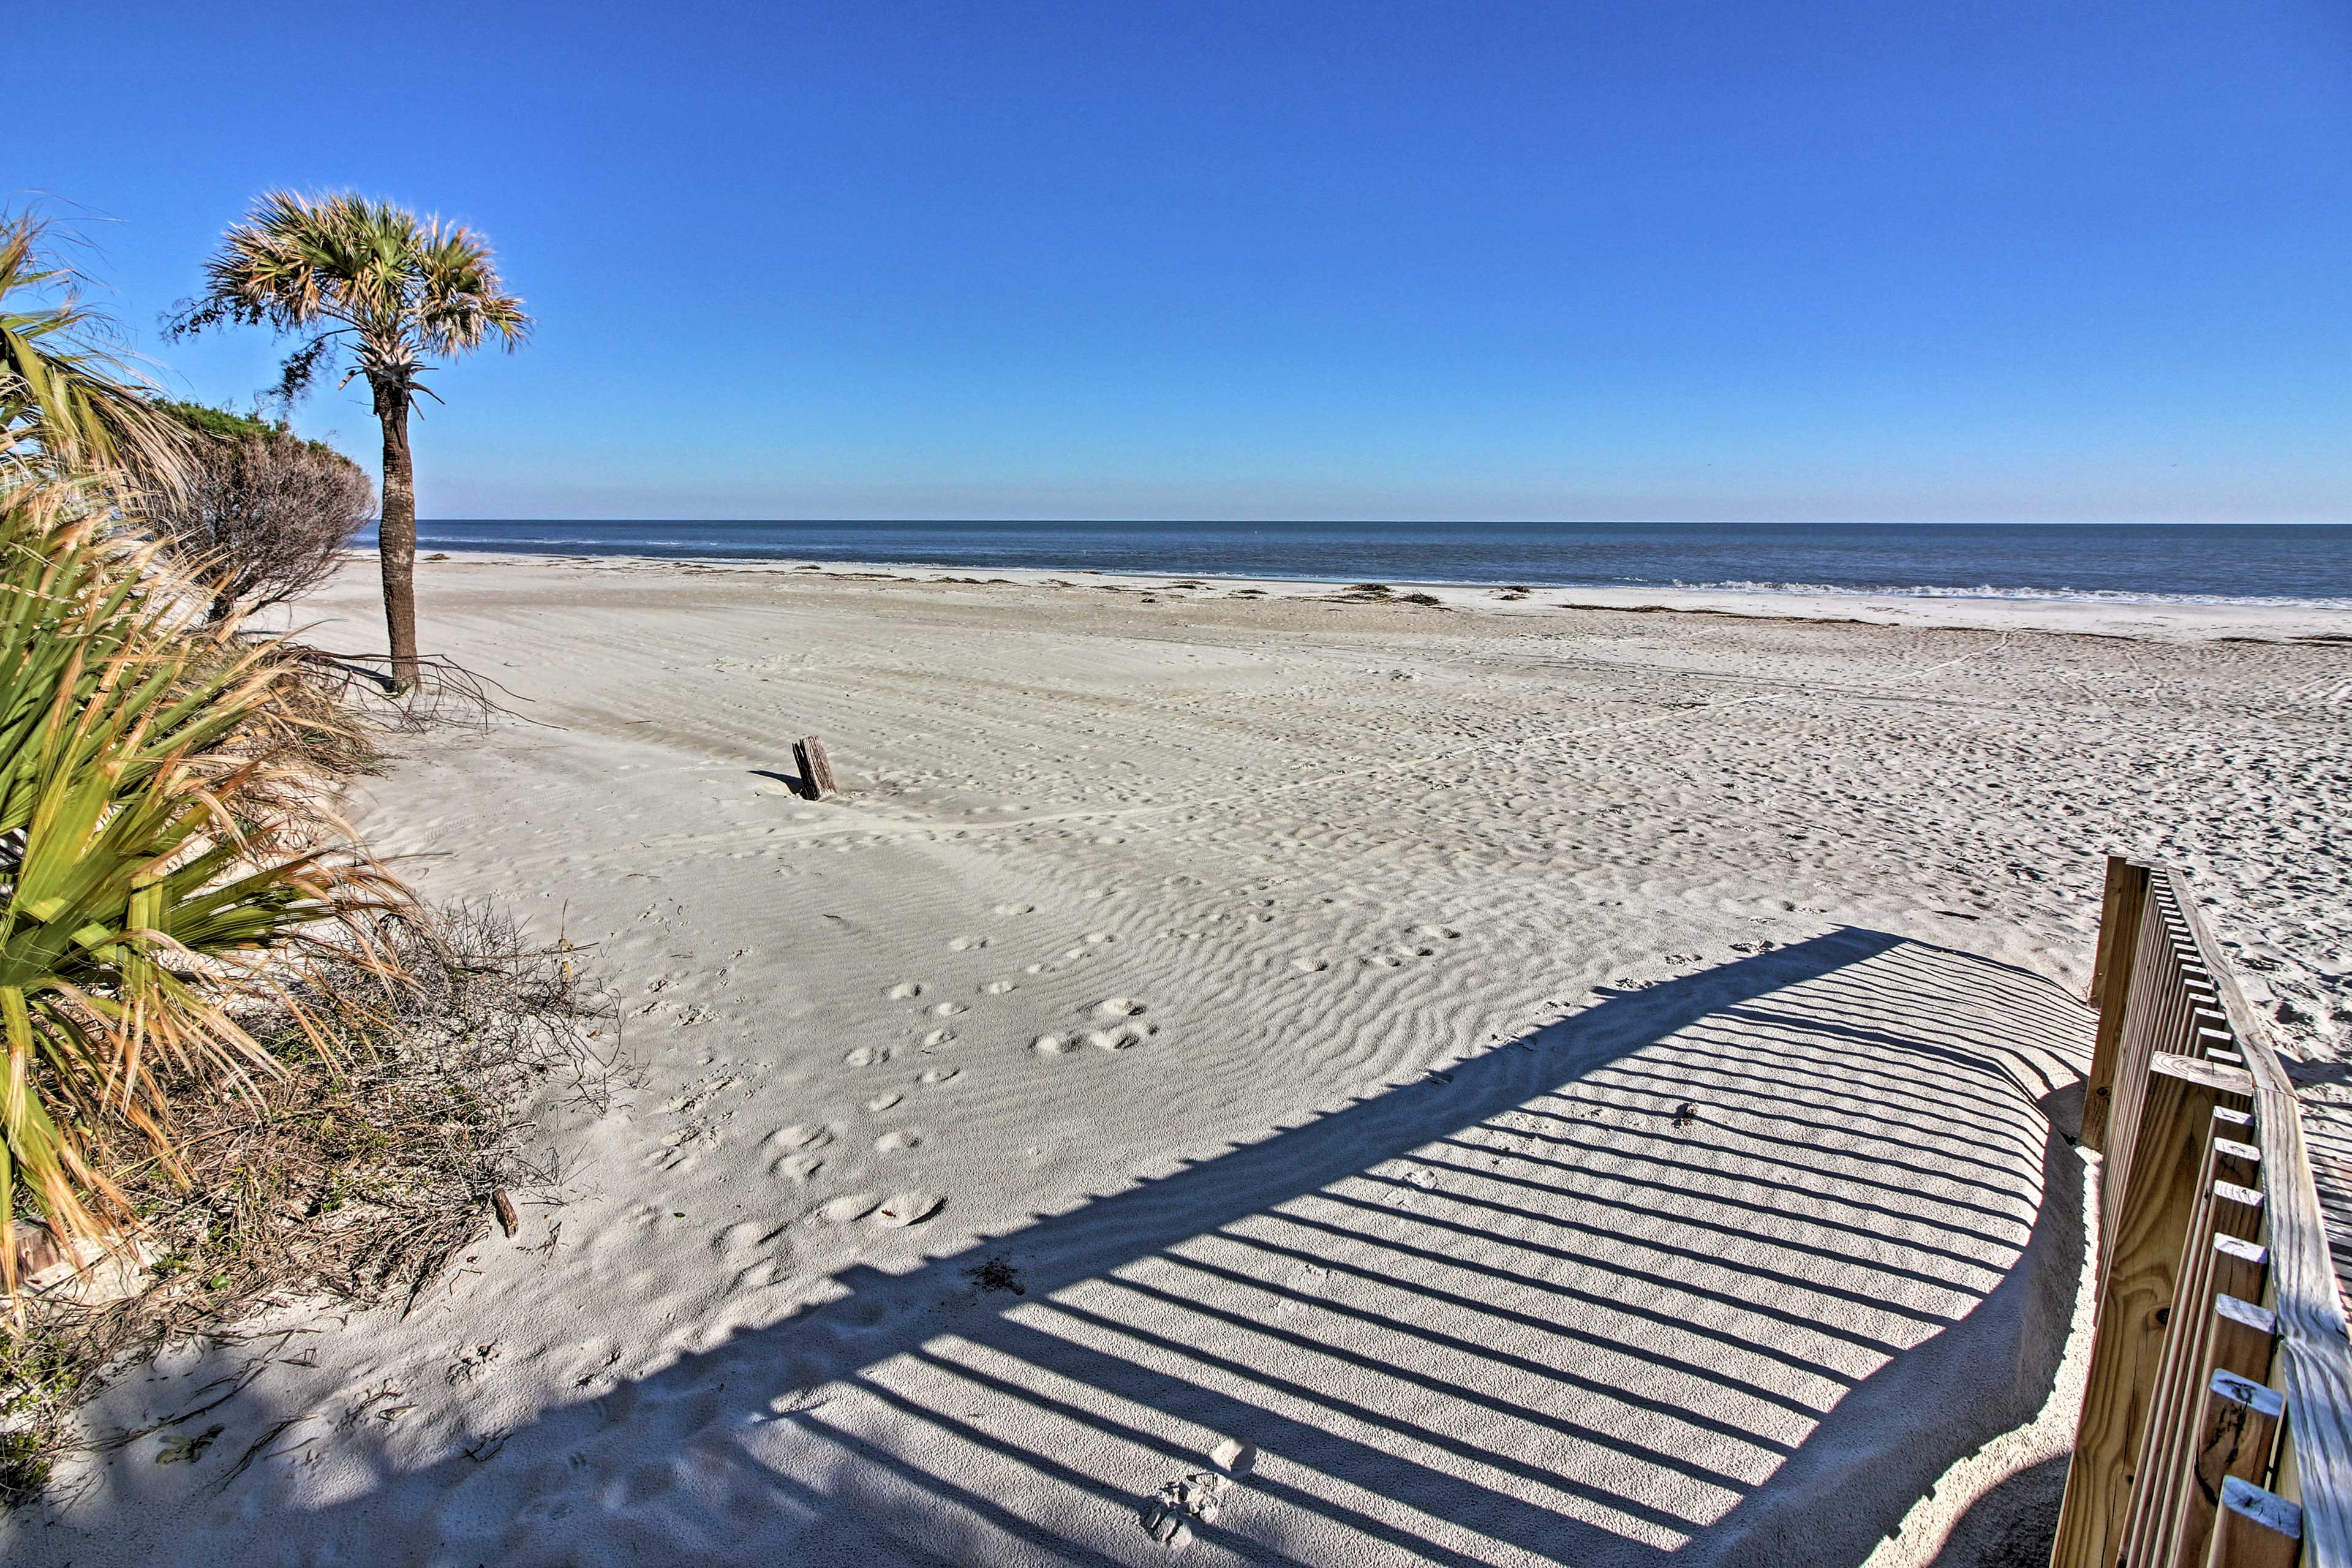 The beautiful beach is a short walk away!